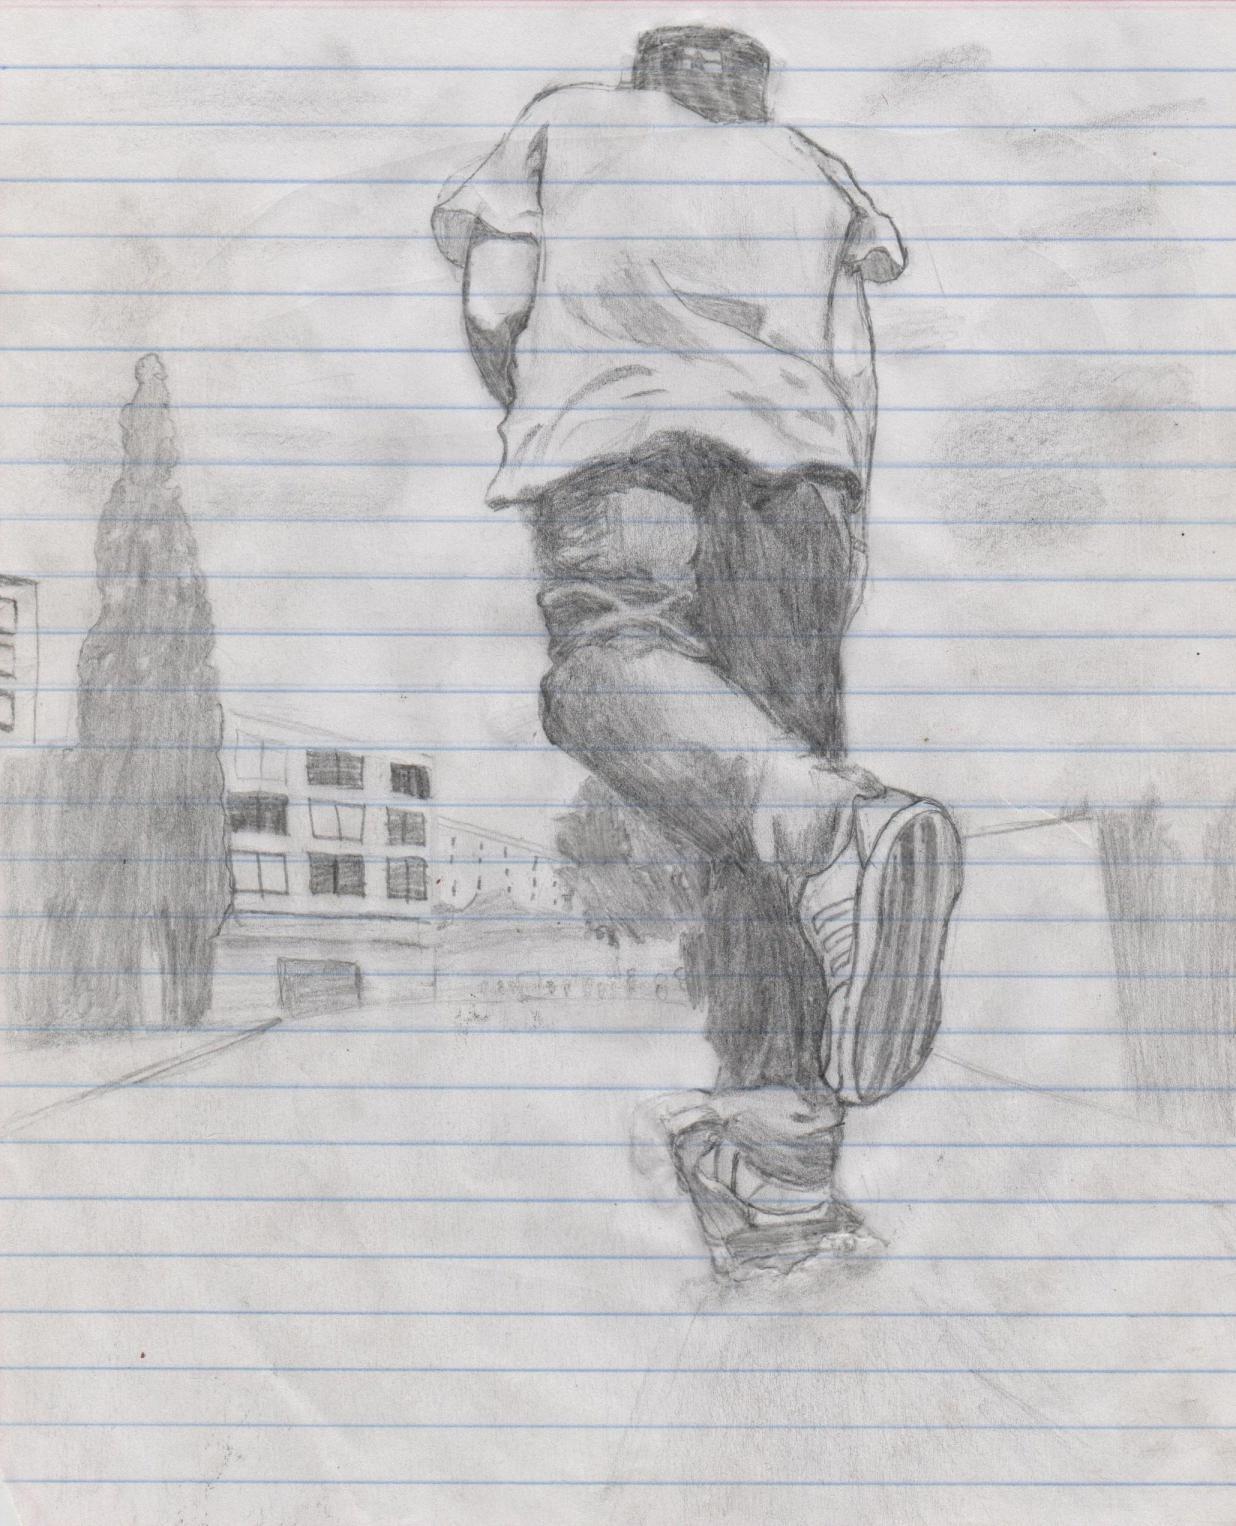 skate - Galería de imágenes de Personajes en Diseño Conceptual ...